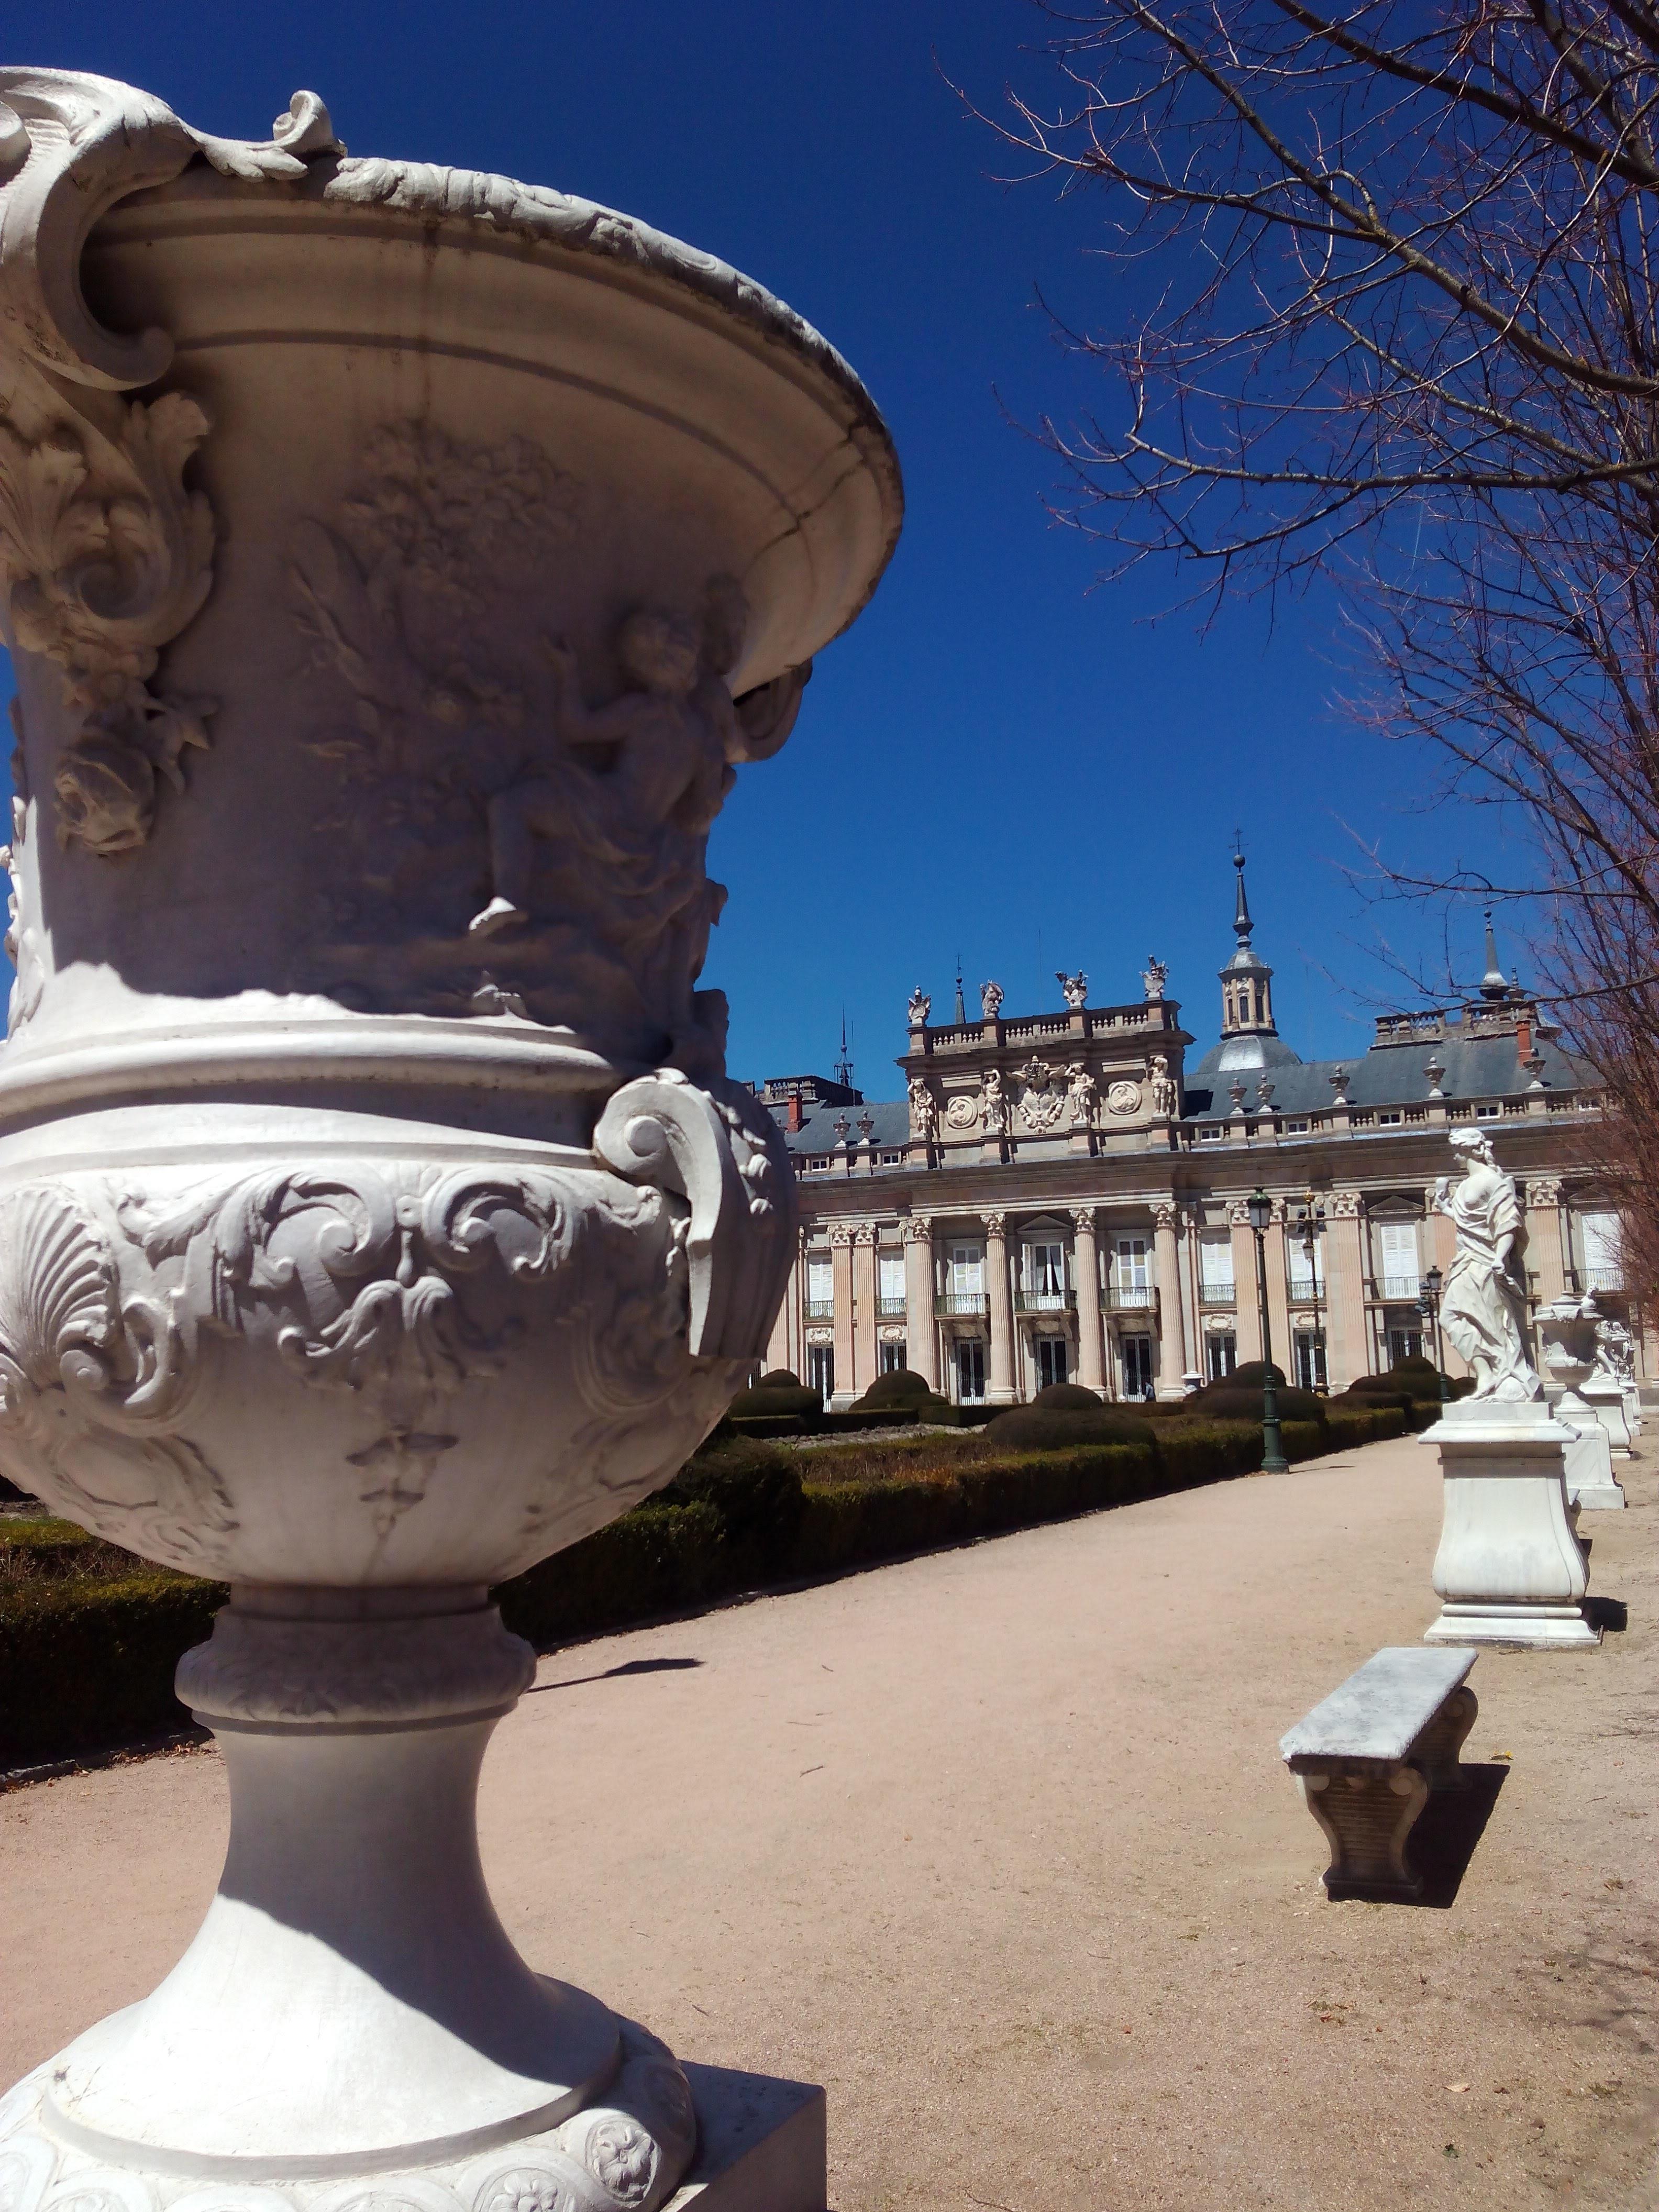 Royal-Palace:-La-Granja-and-Riofrio-Guided-Visit-1